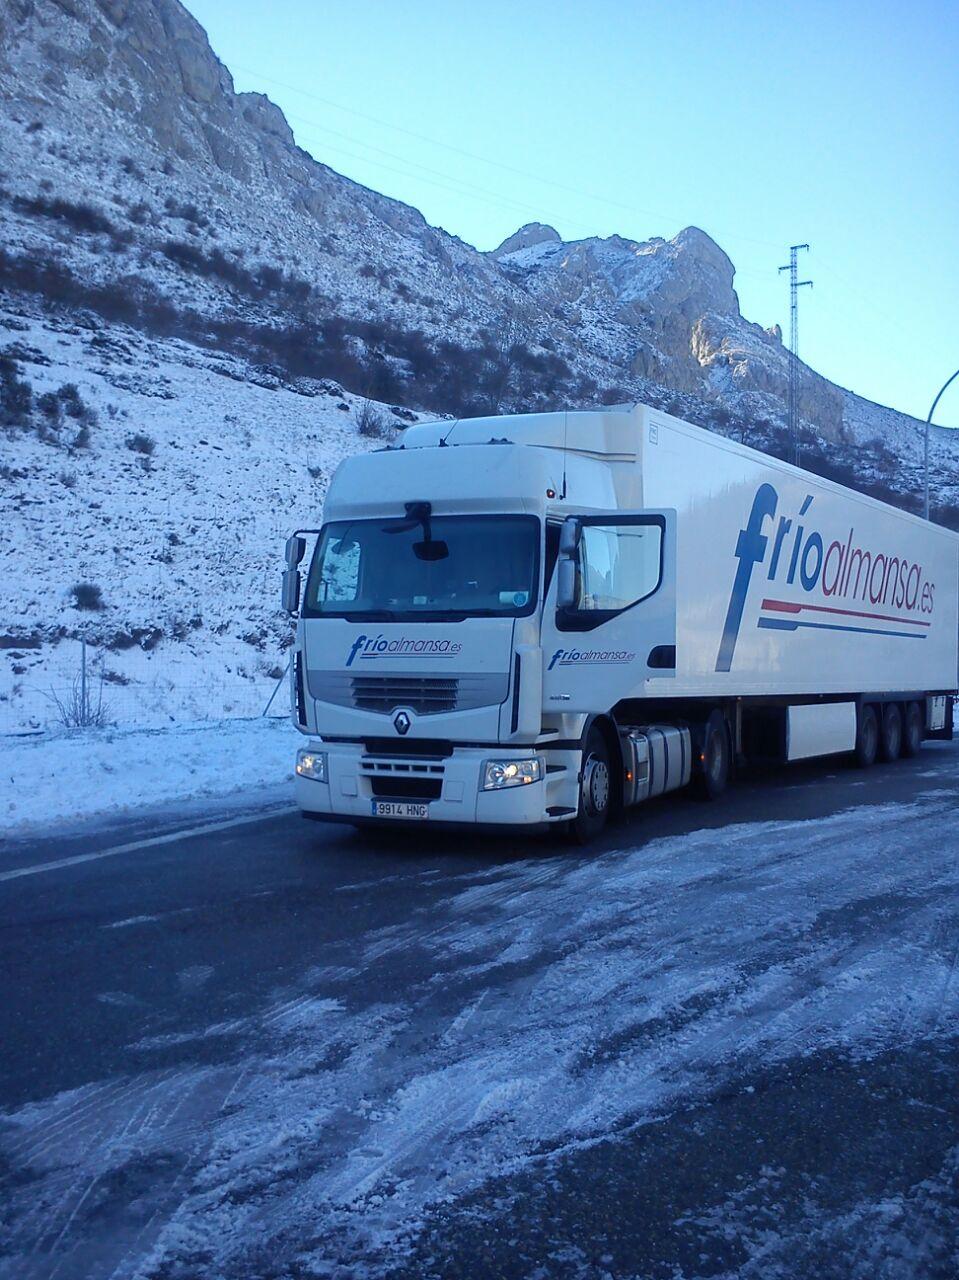 transportes internacionales frio almansa transporte por carretera de mercancía congelada en grupaje8